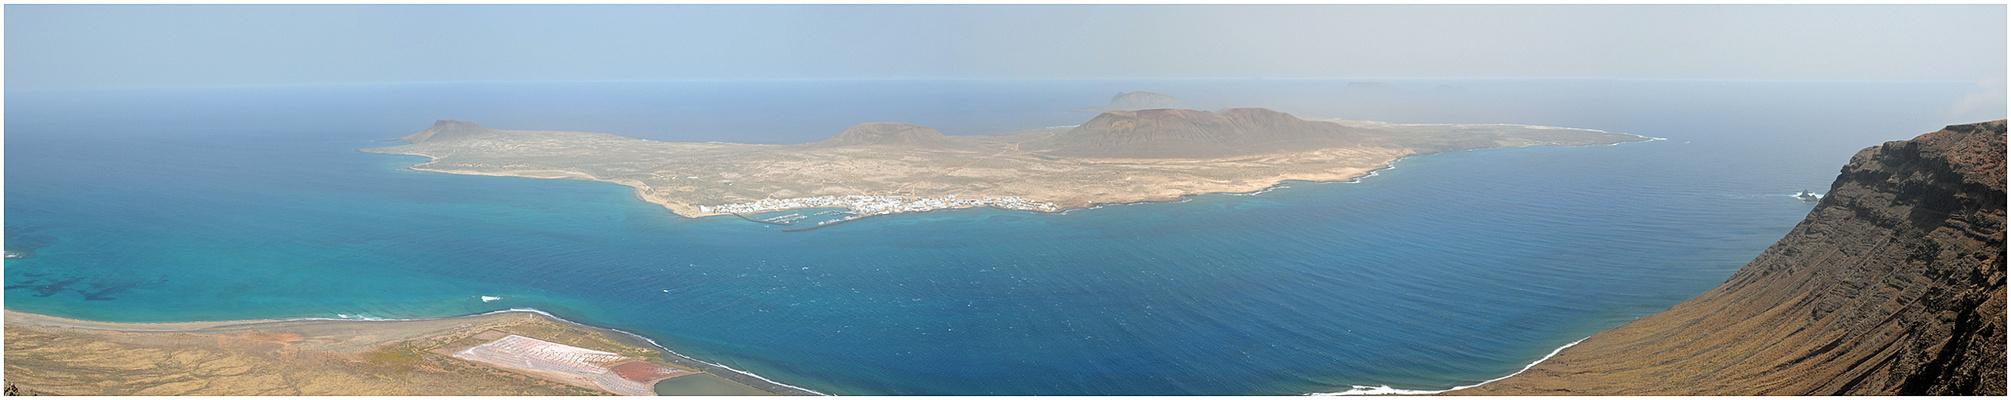 Isla Graciosa e Islotes del Norte